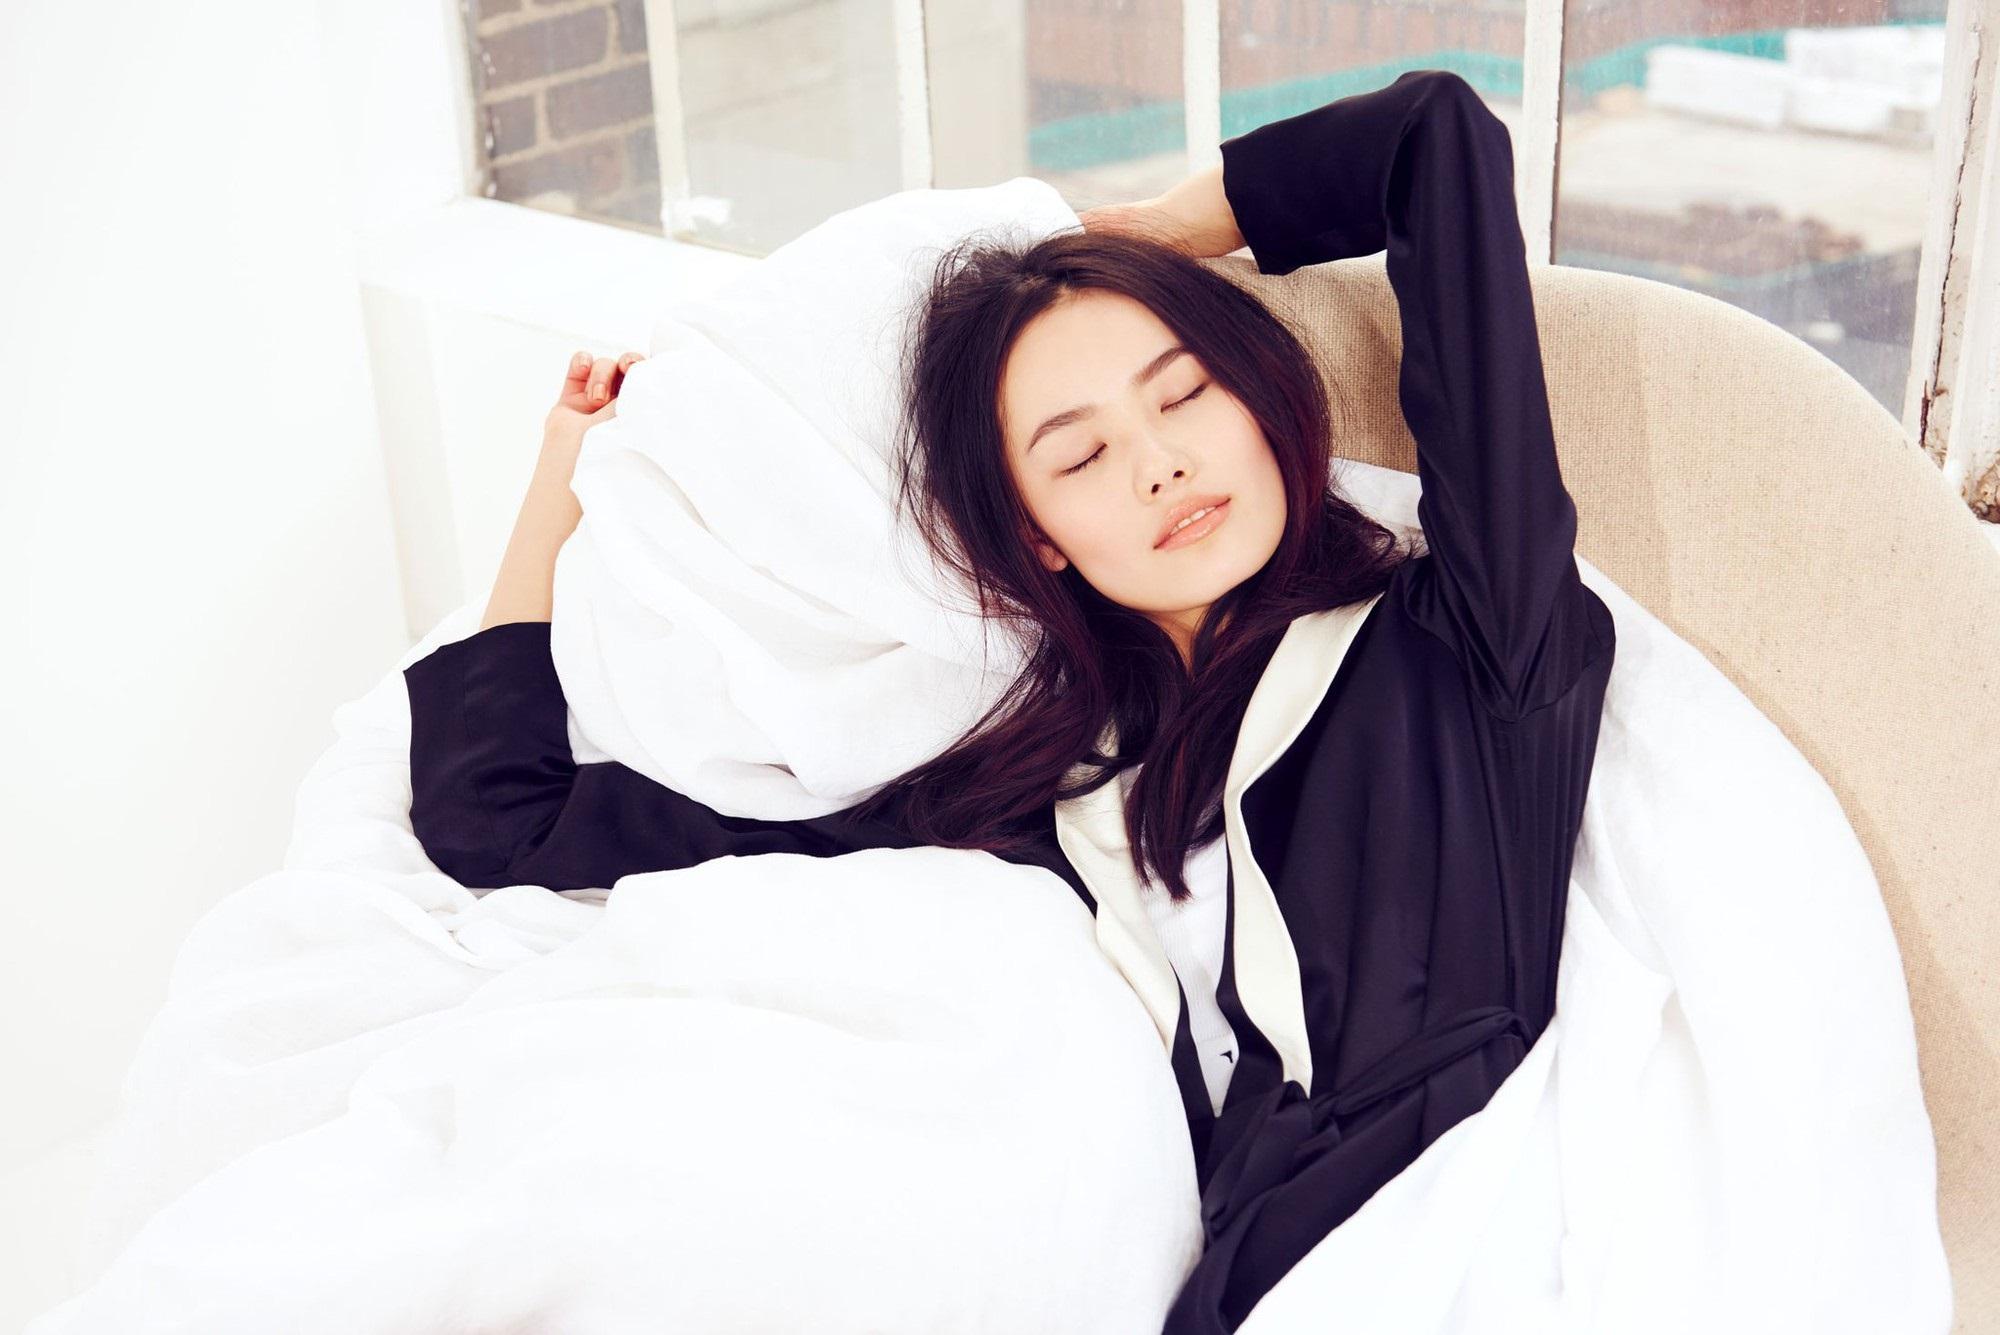 Ngủ cũng có thể khiến da đẹp lên trông thấy nếu bạn nắm được những bí quyết cực đơn giản này - Ảnh 1